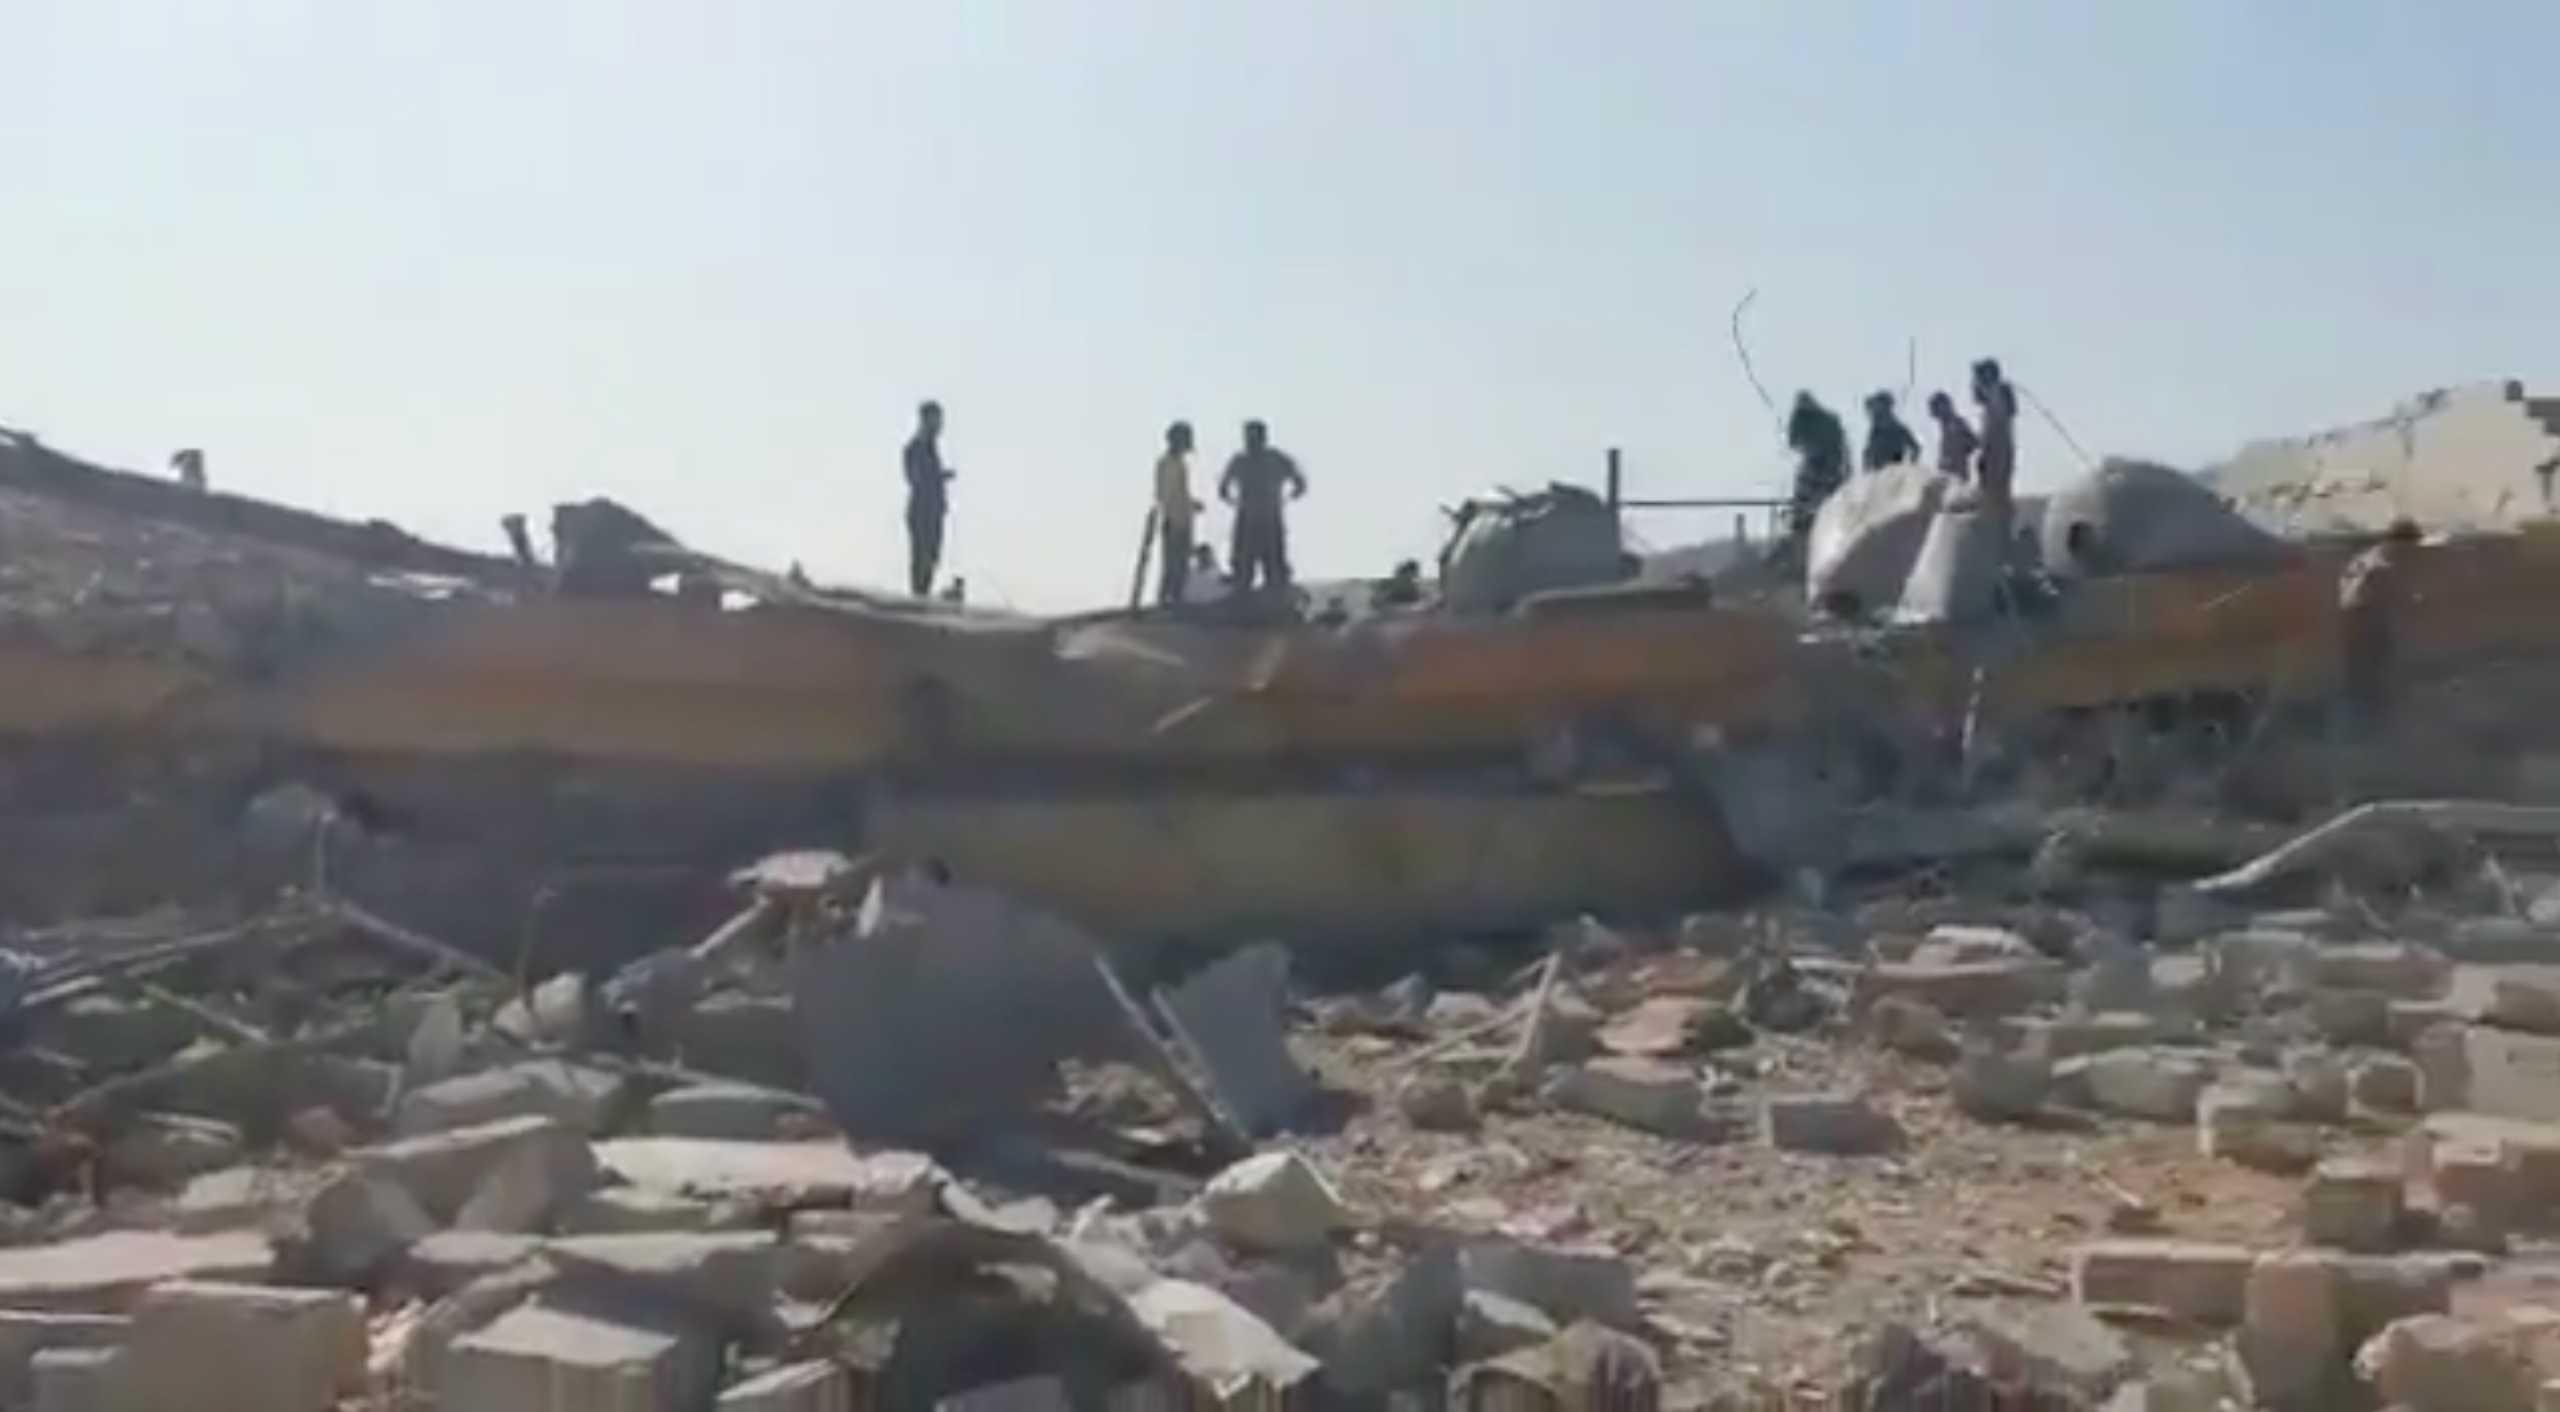 Ιράκ: 8 οι νεκροί από την επίθεση της Τουρκίας σε νοσοκομείο – Στόχος ήταν τραυματισμένος Κούρδος μαχητής